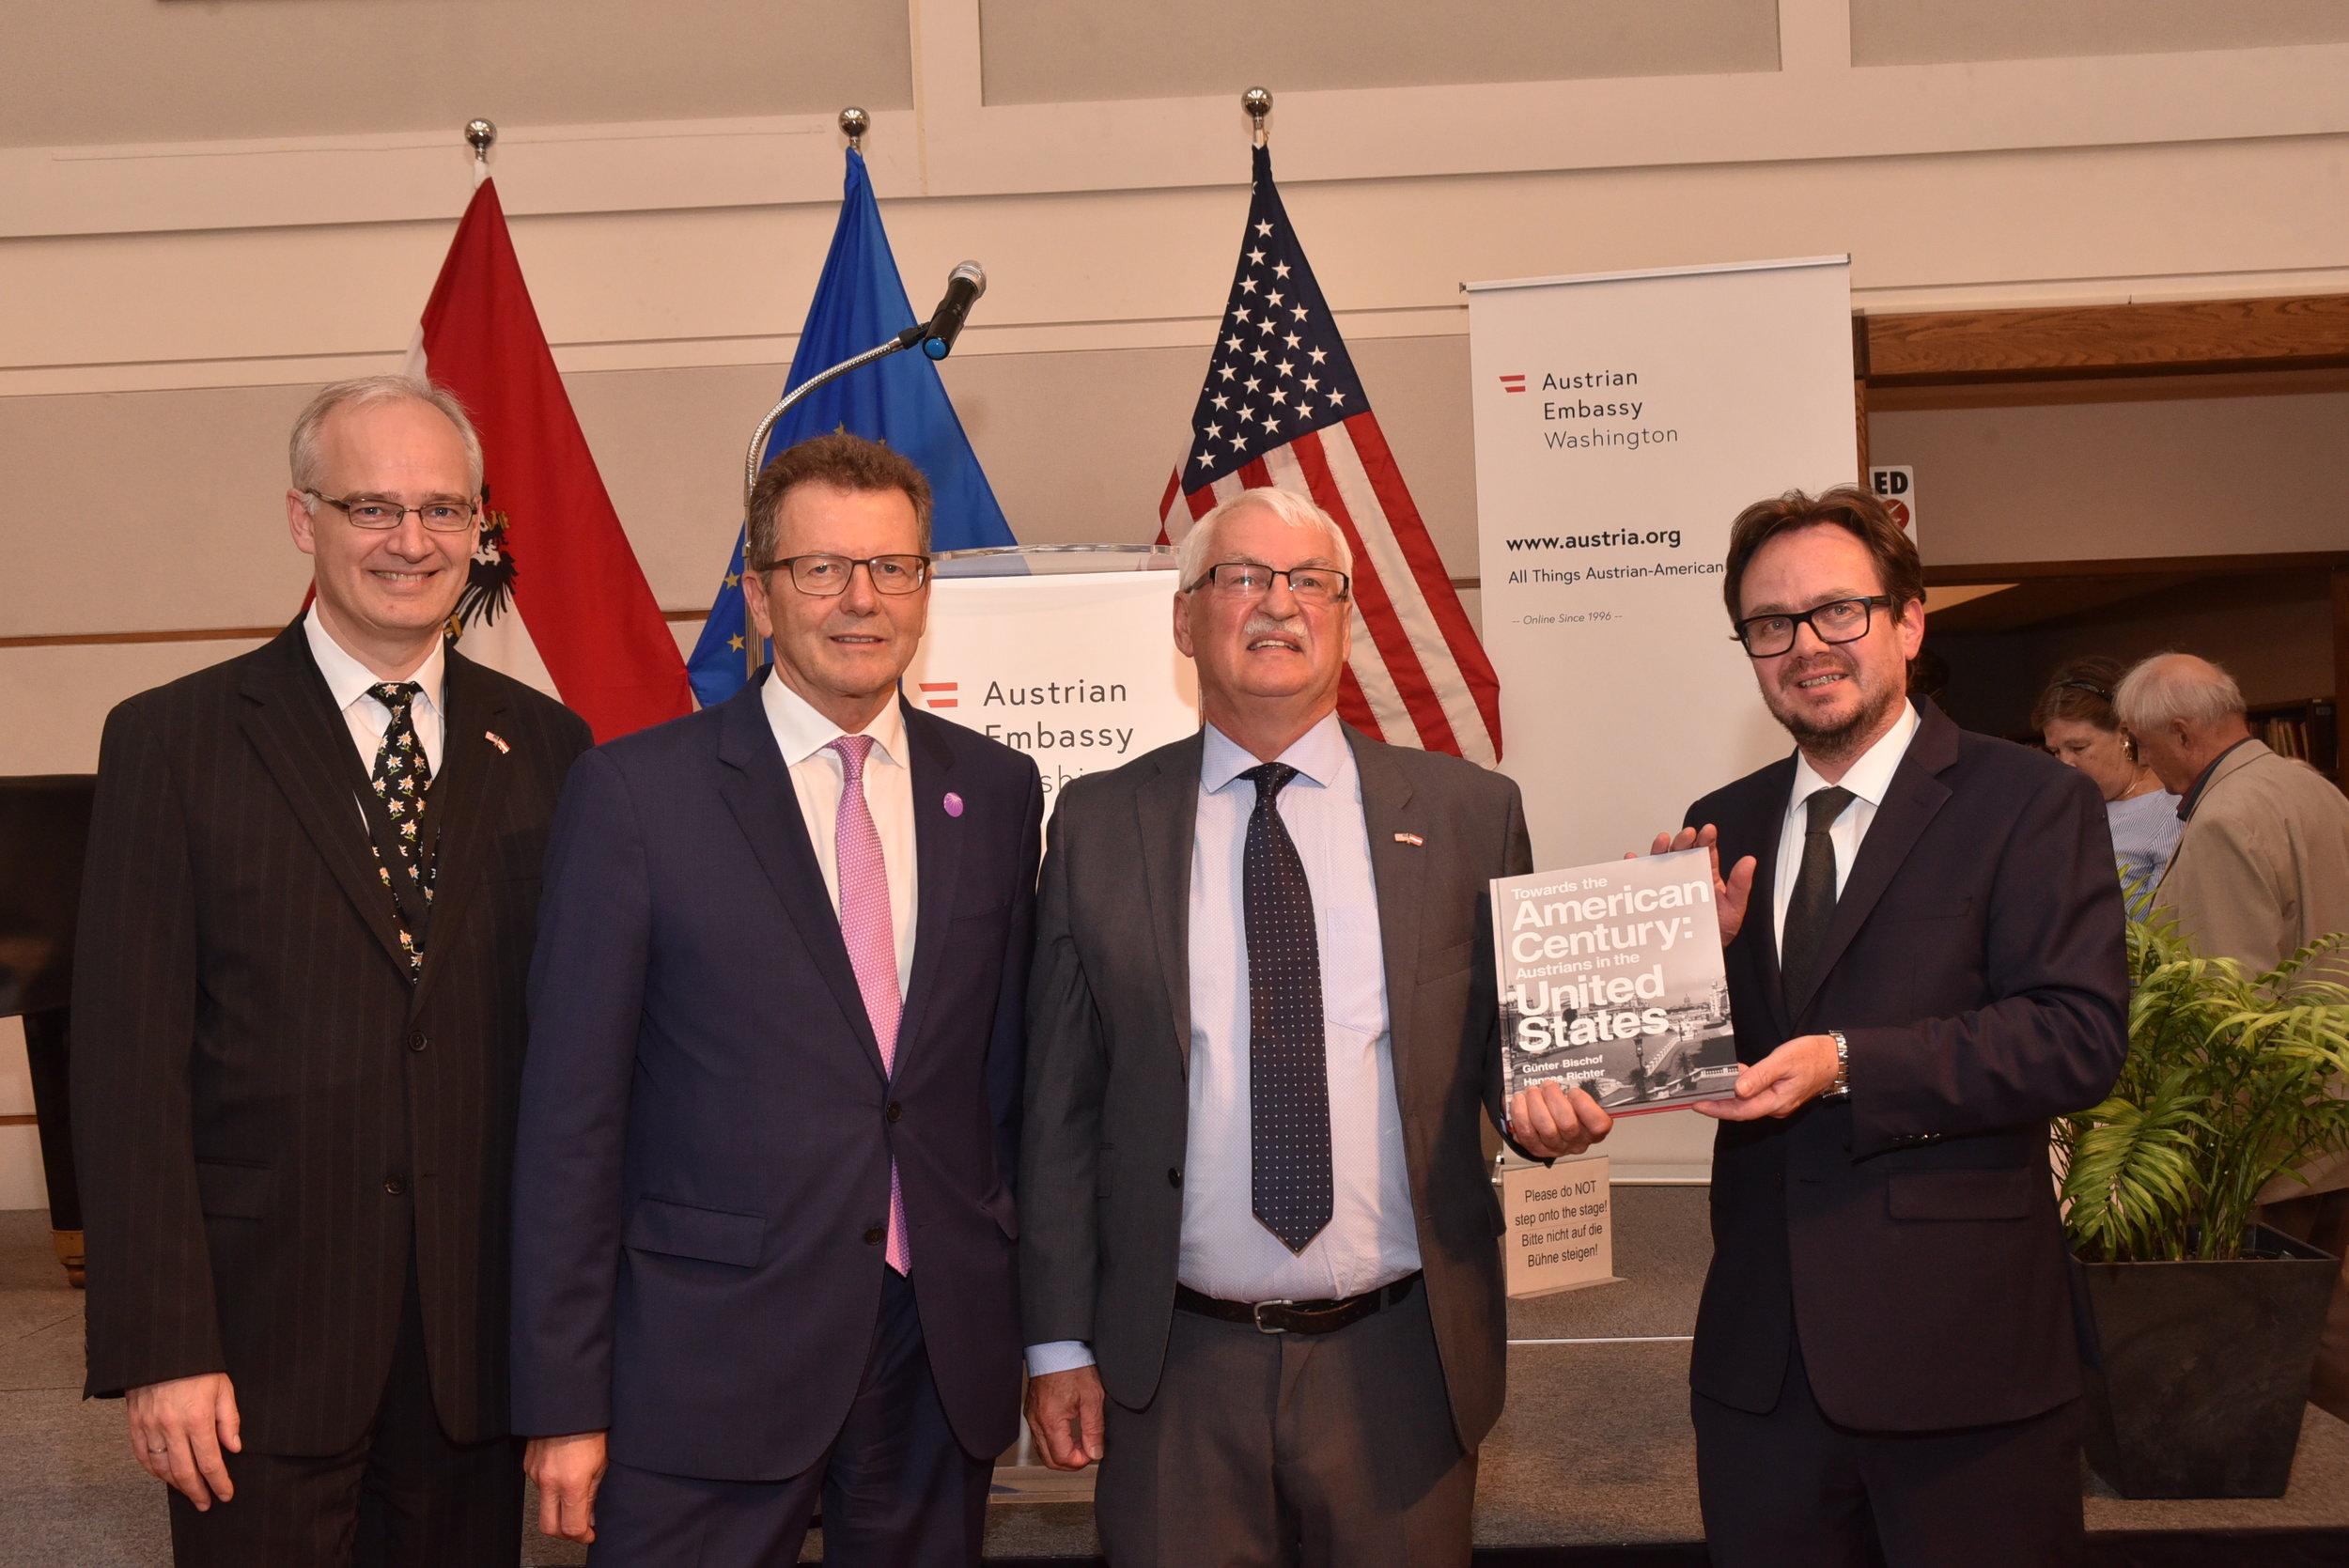 Thorsten Eisingerich (left), Ambassador Waldner, Professor Bischof, Hannes Richter   Photo: Peter Alunans